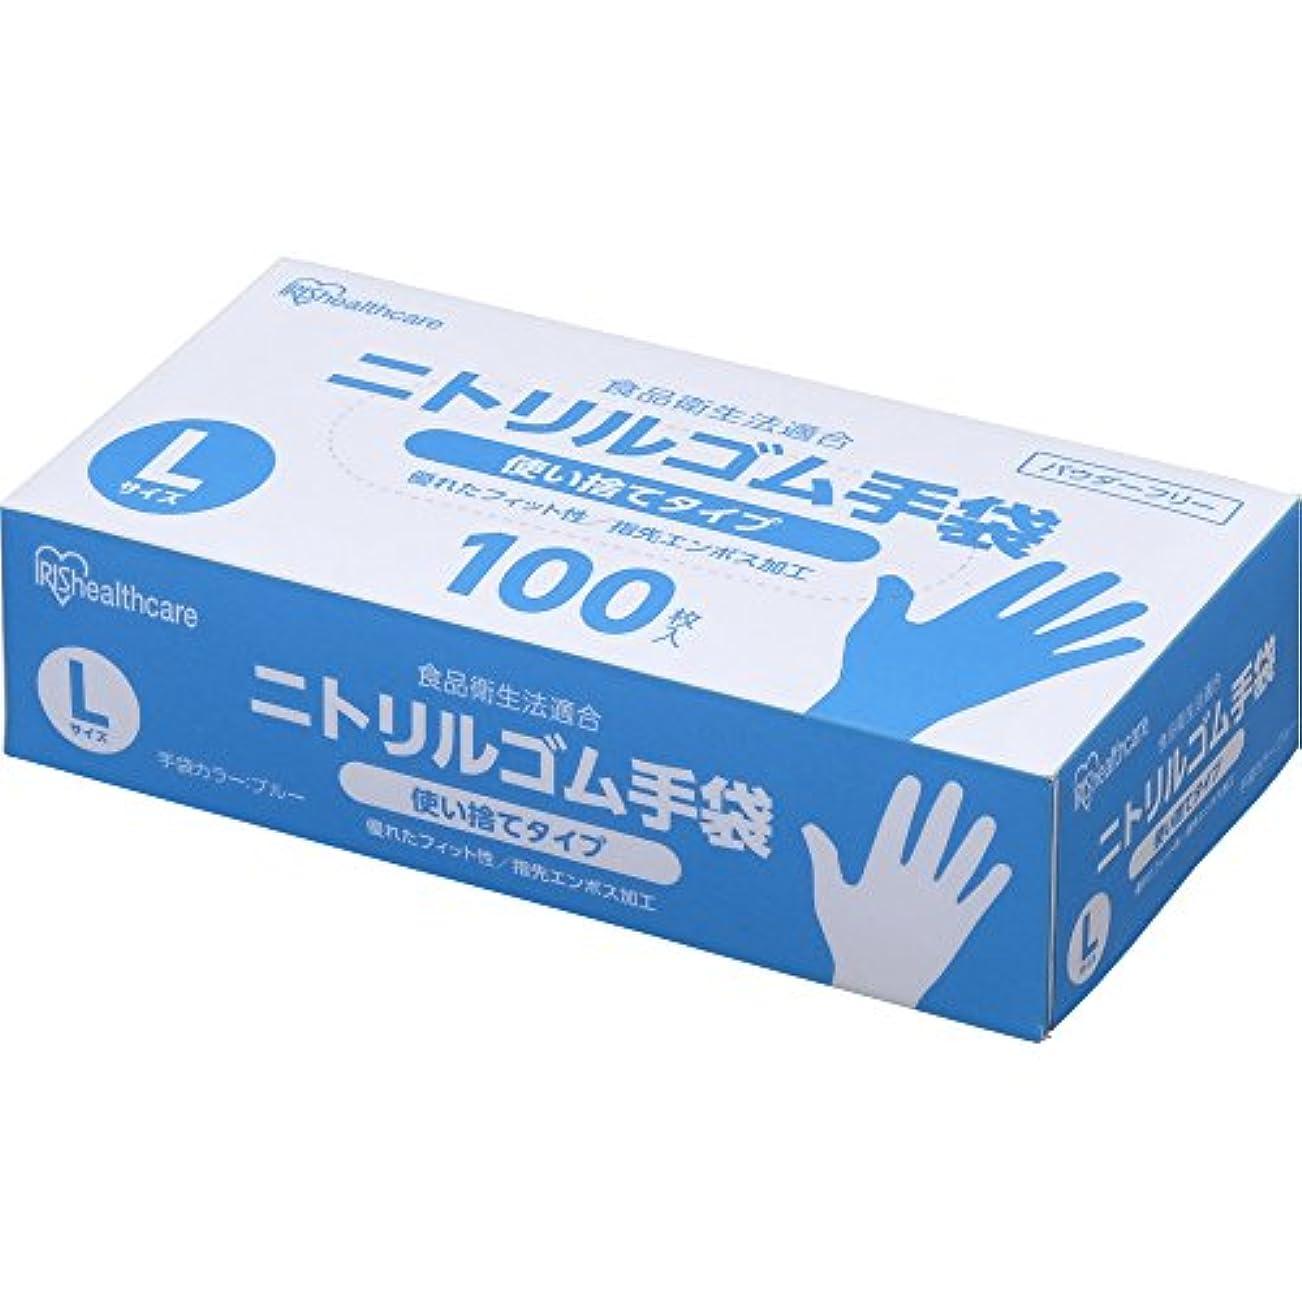 アイリスオーヤマ 使い捨て手袋 ブルー ニトリルゴム 100枚 Lサイズ 業務用